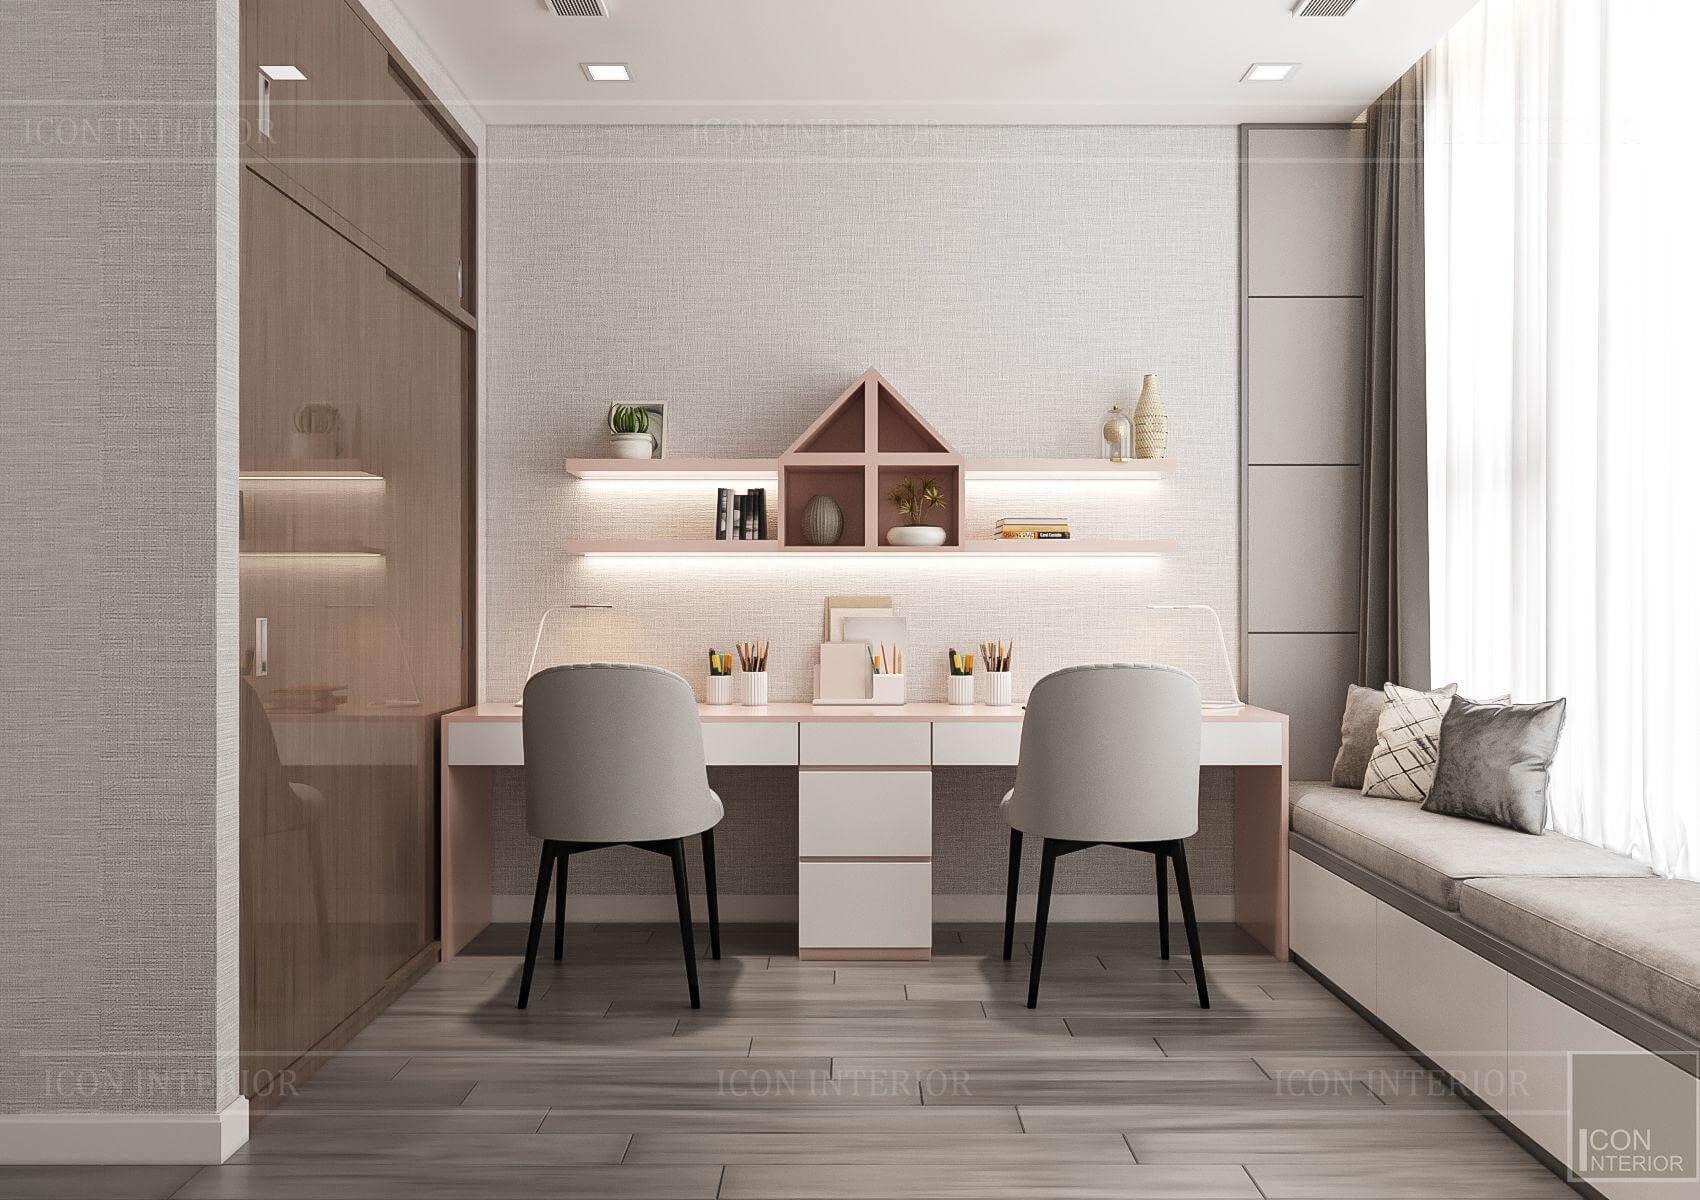 Thiết kế nội thất căn hộ chung cư Vinhomes Ba Son - phòng học tập